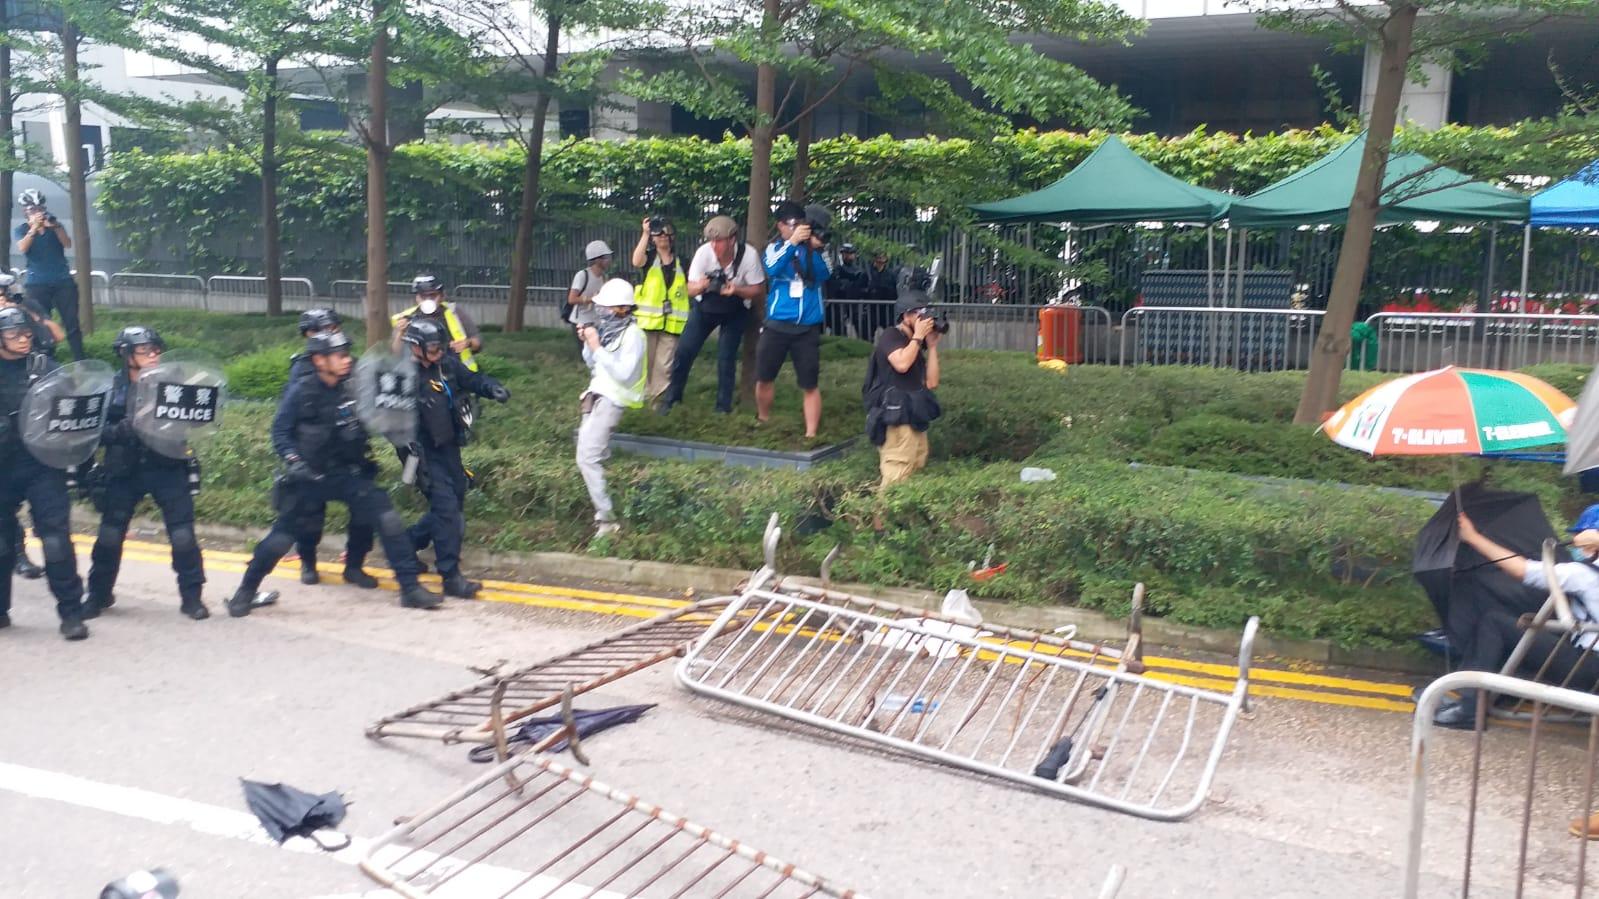 【逃犯條例】行動升級!示威者突破立會門外防線 警發射布袋彈催淚彈